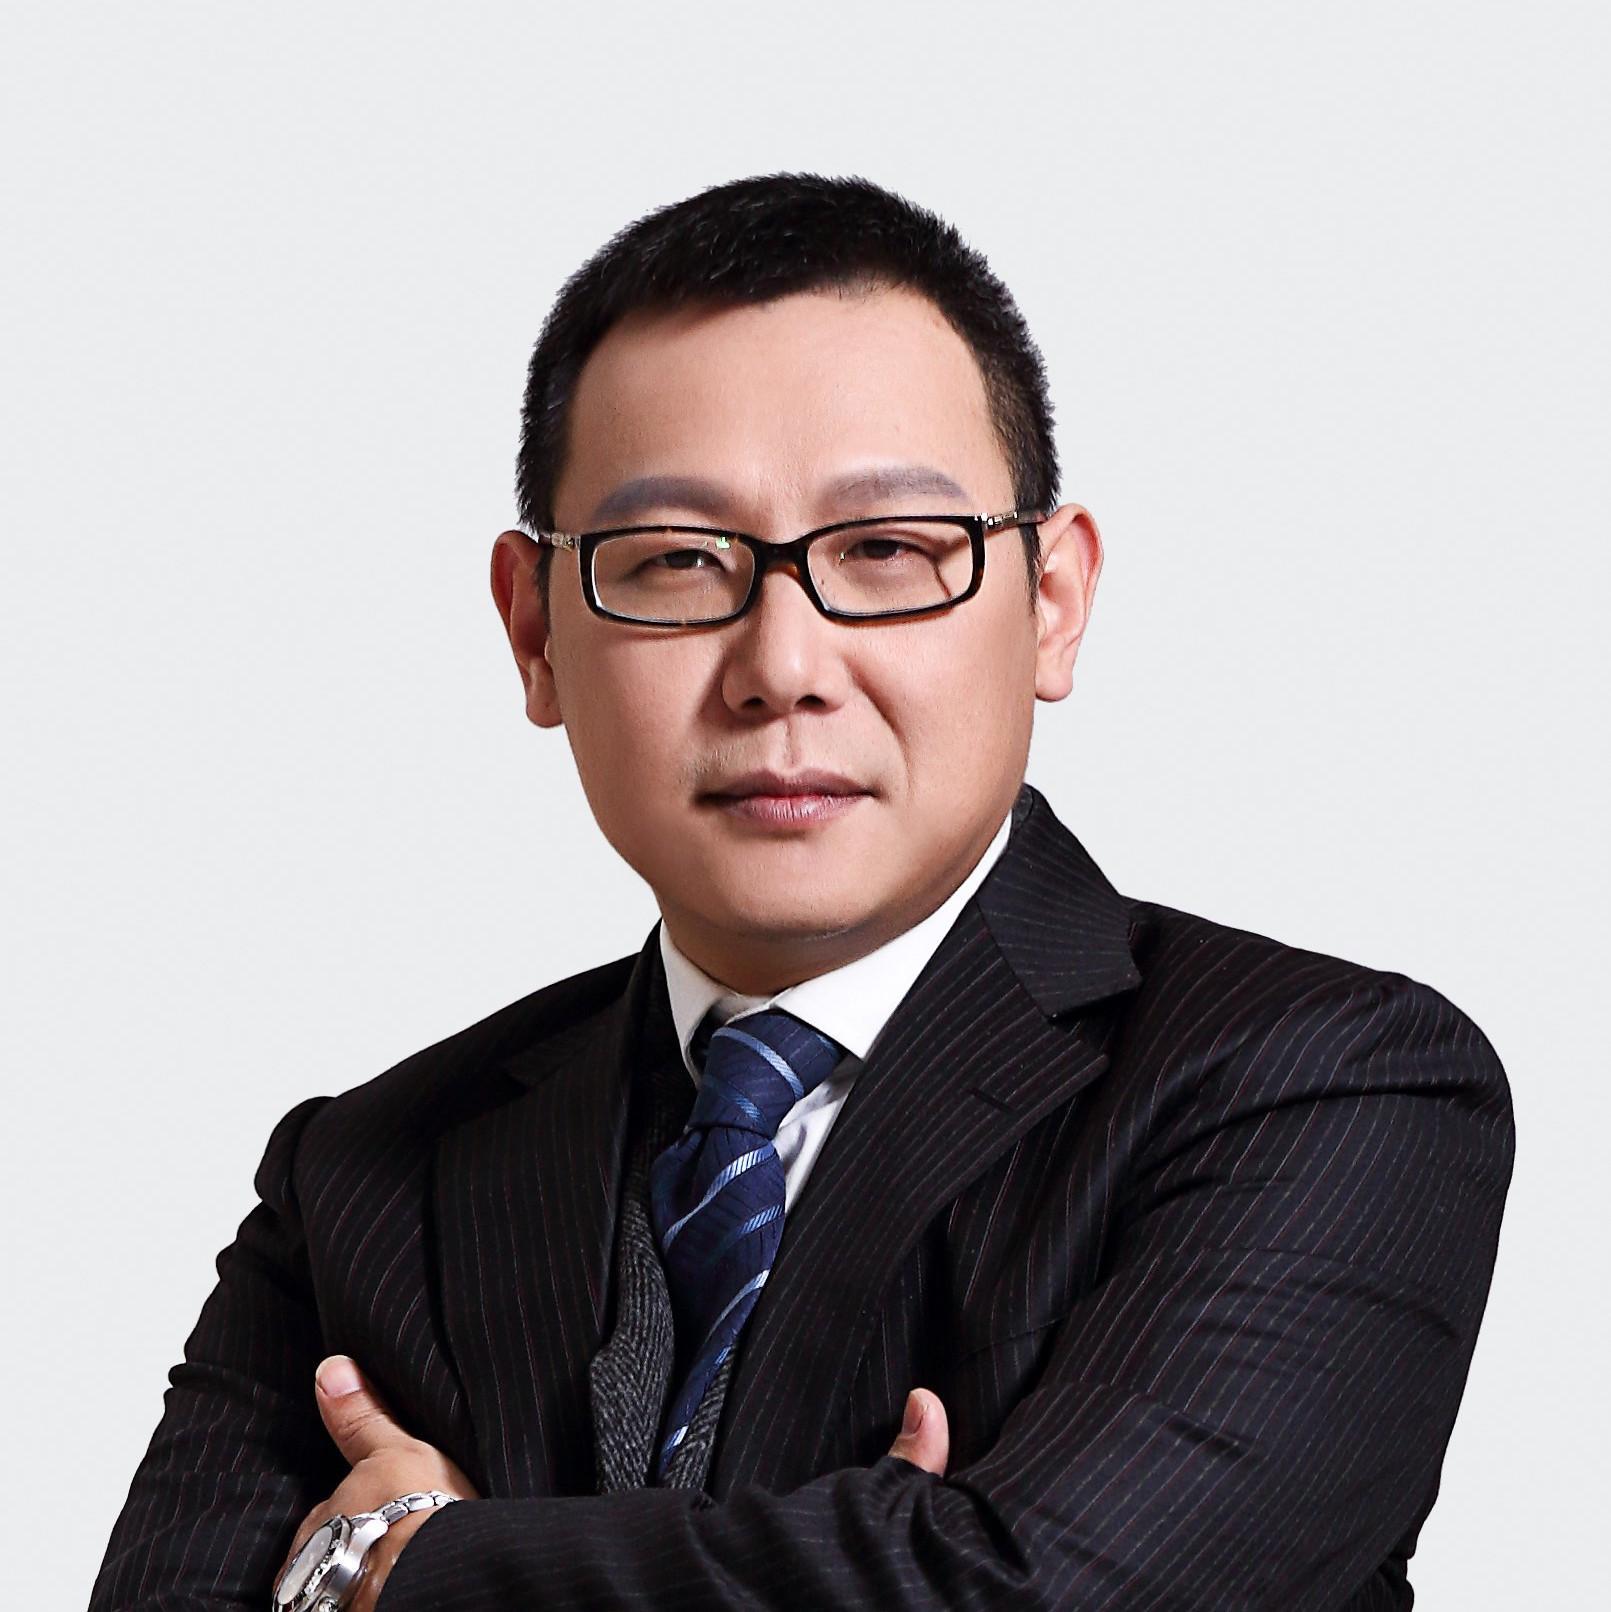 良品铺子副总裁赵刚